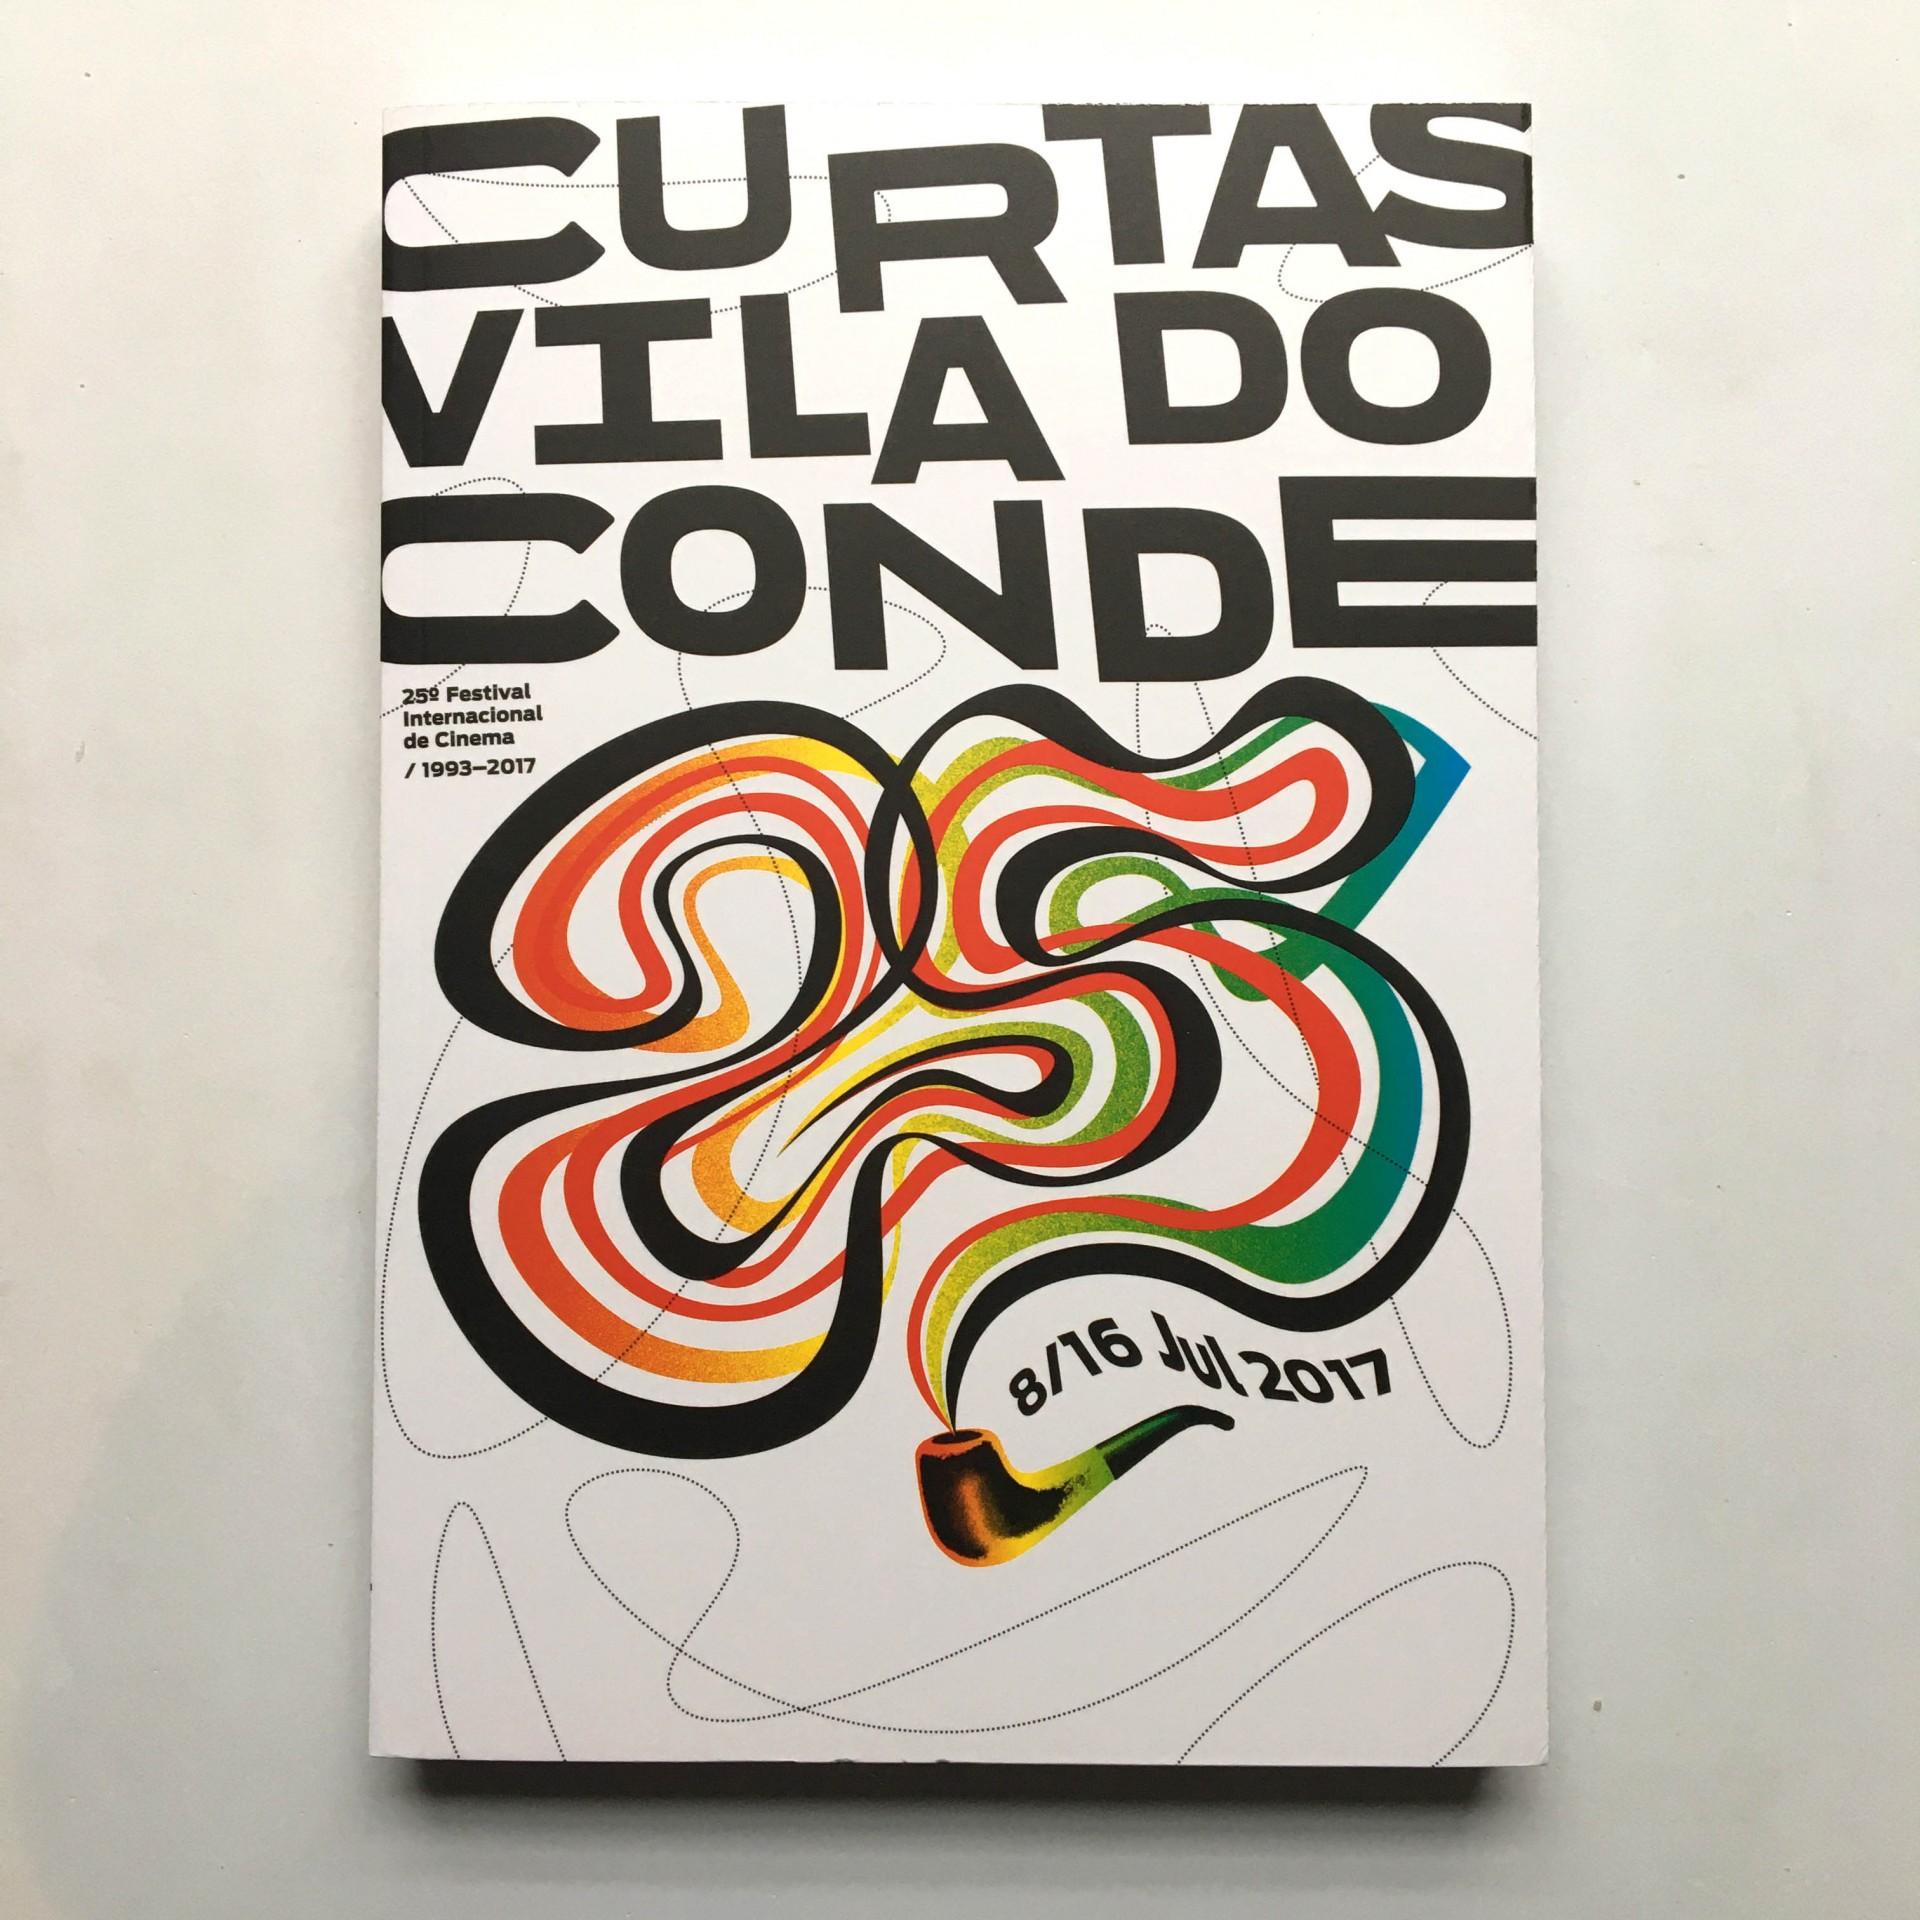 Catálogo 25º Curtas Vila do Conde